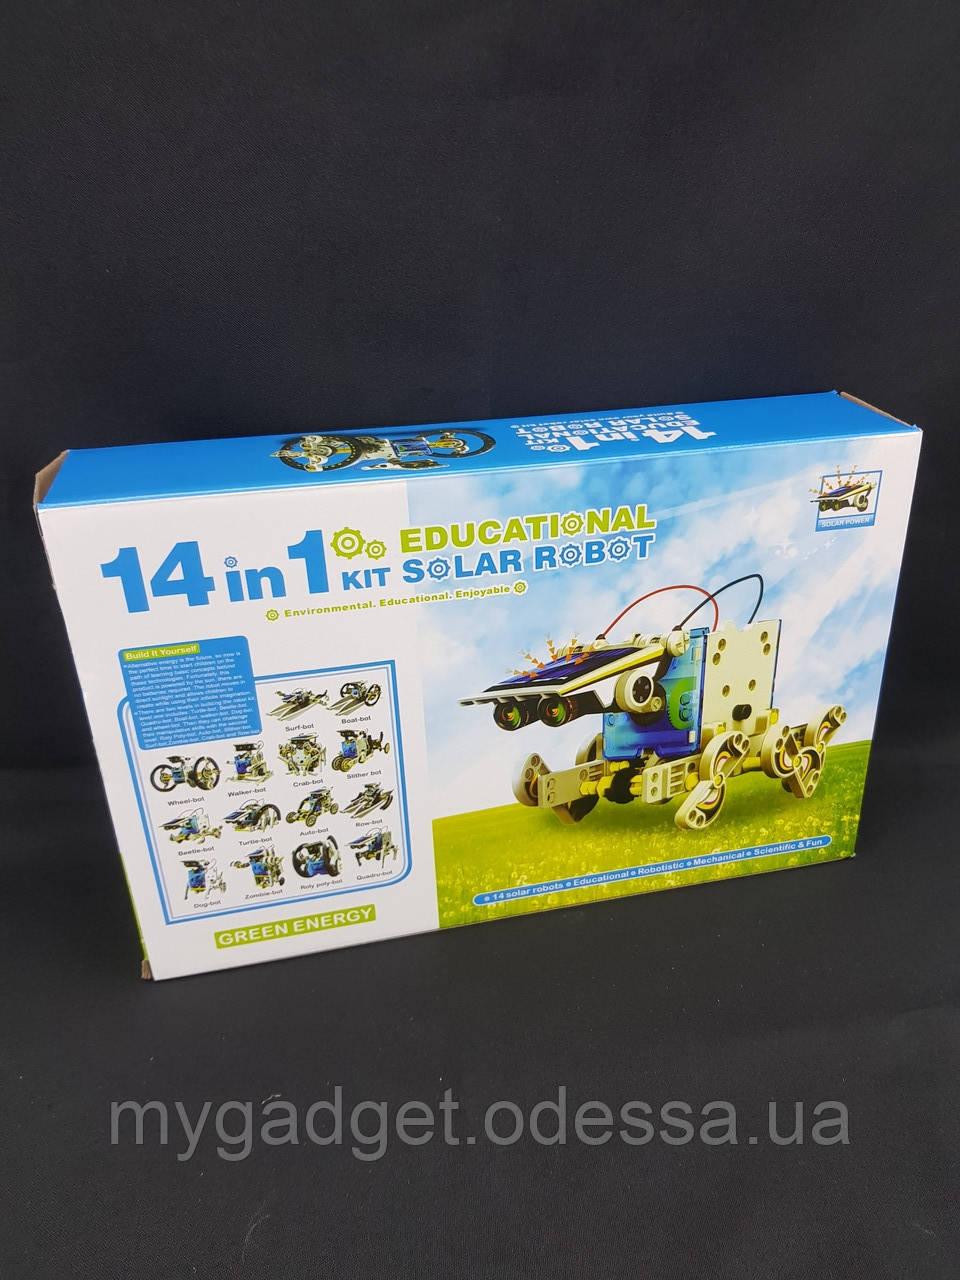 Складной конструктор для ребёнка Solar Robot робот 14 в 1